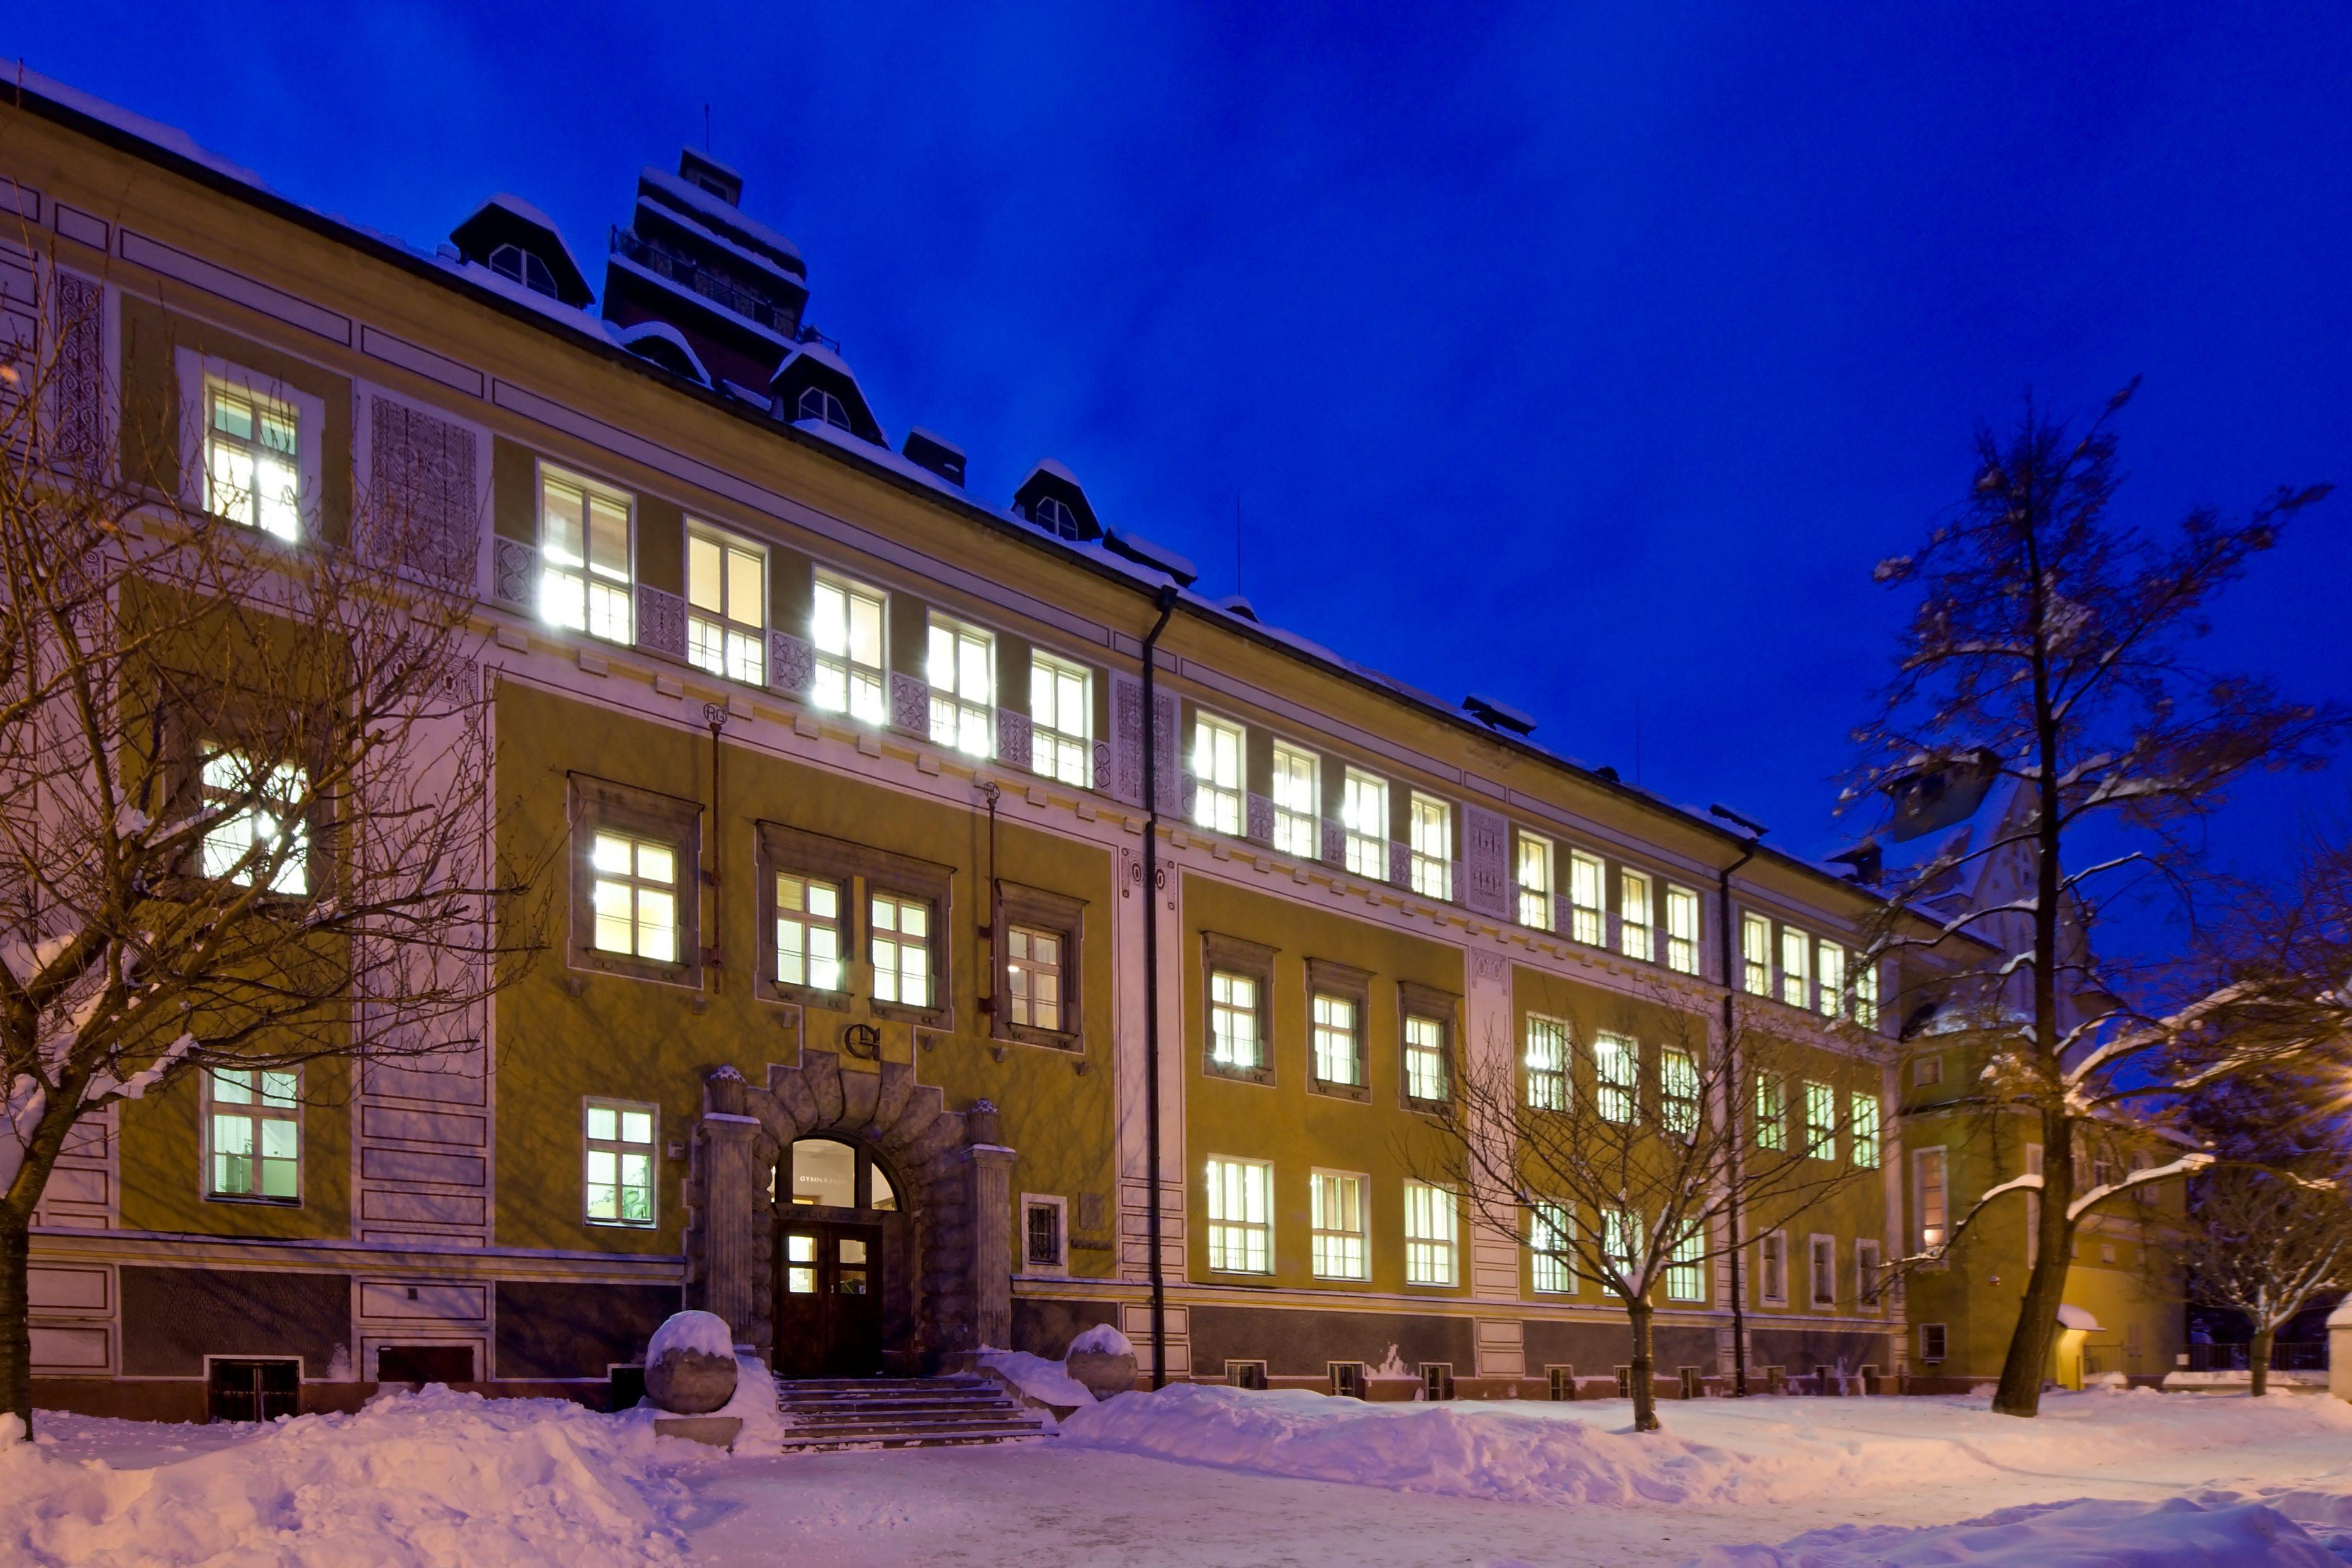 budova_zima2.jpg